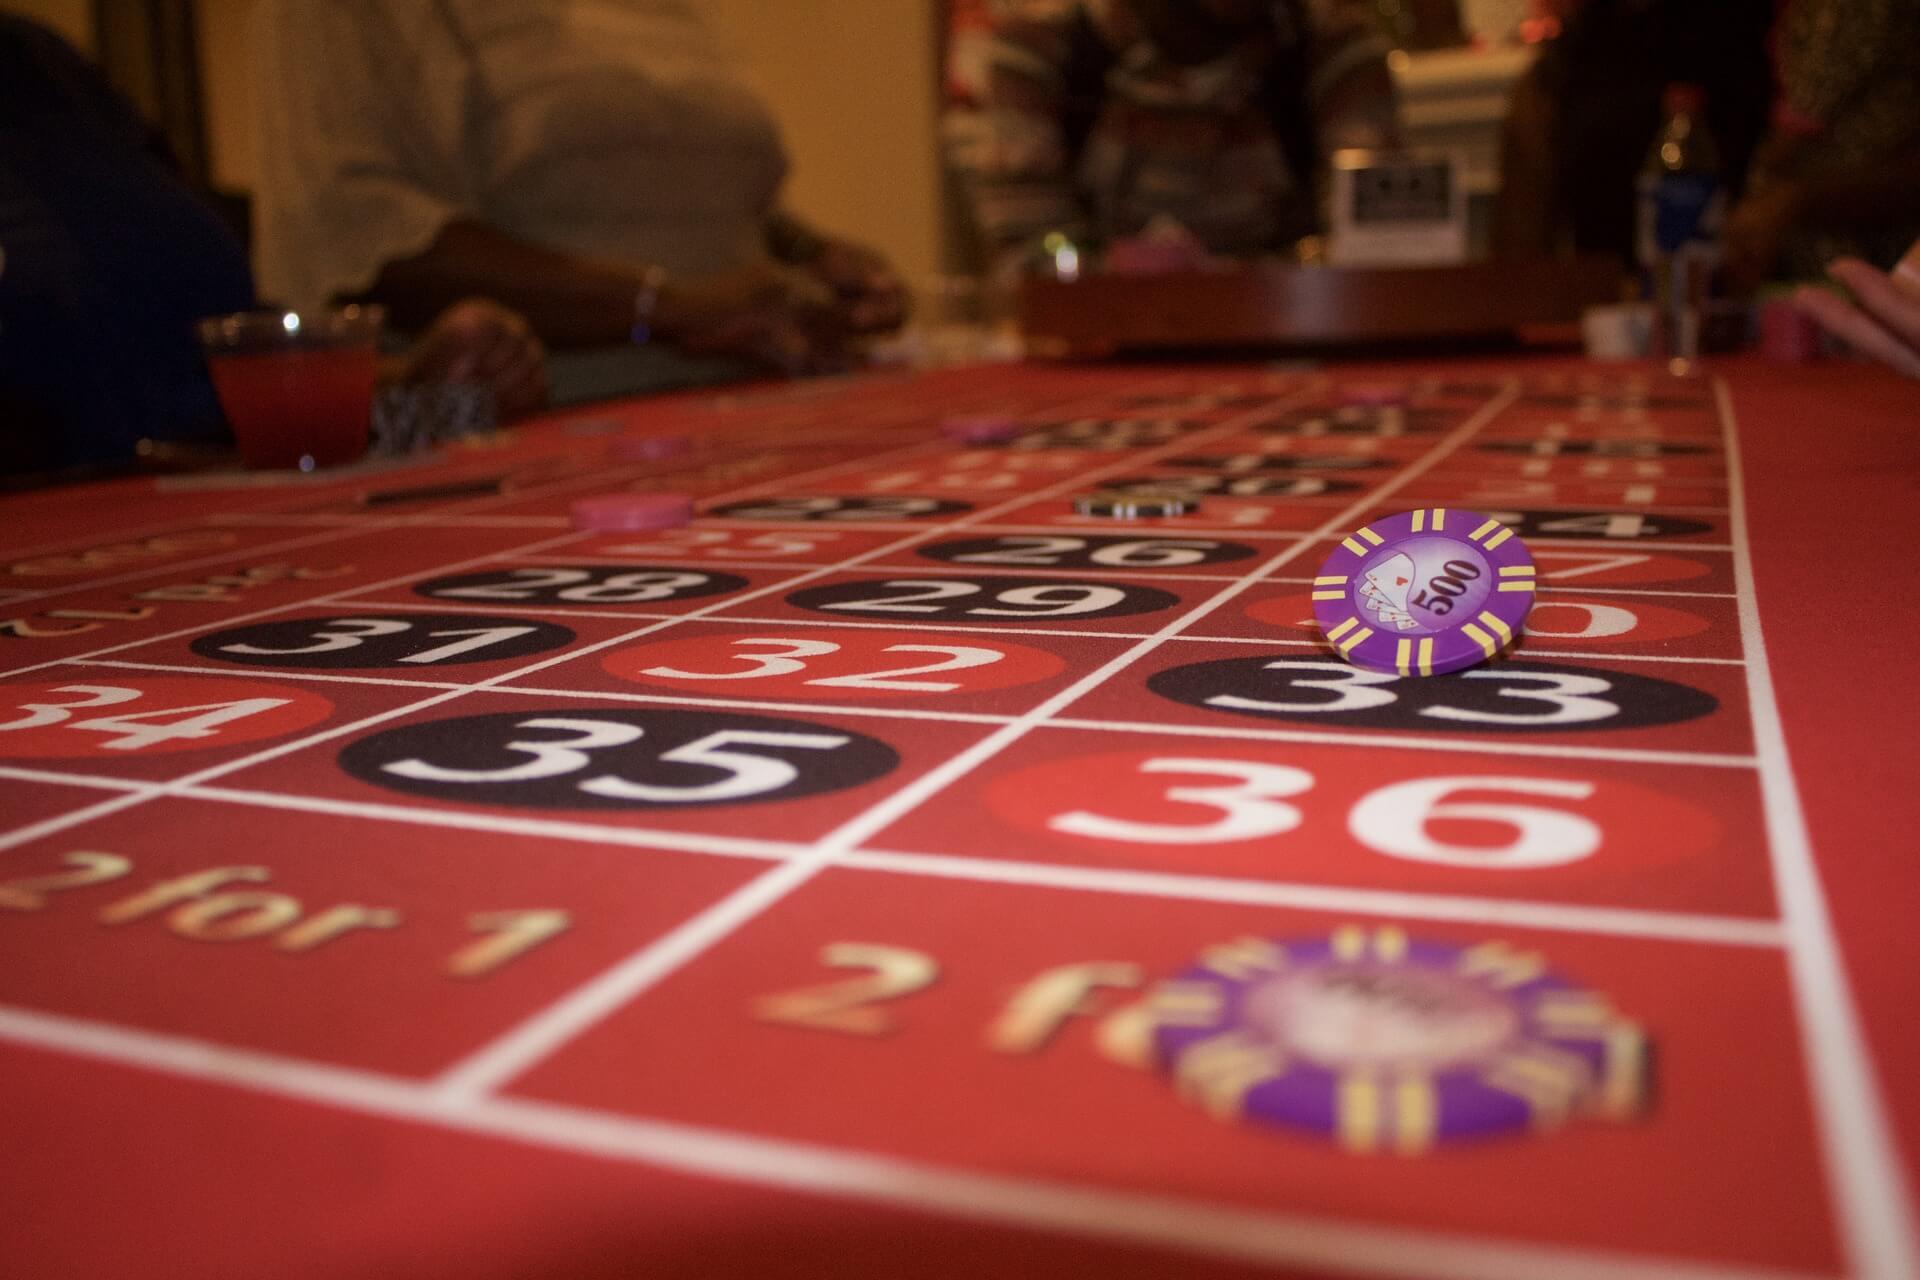 ¿Cómo jugar a la ruleta en PokerStars?